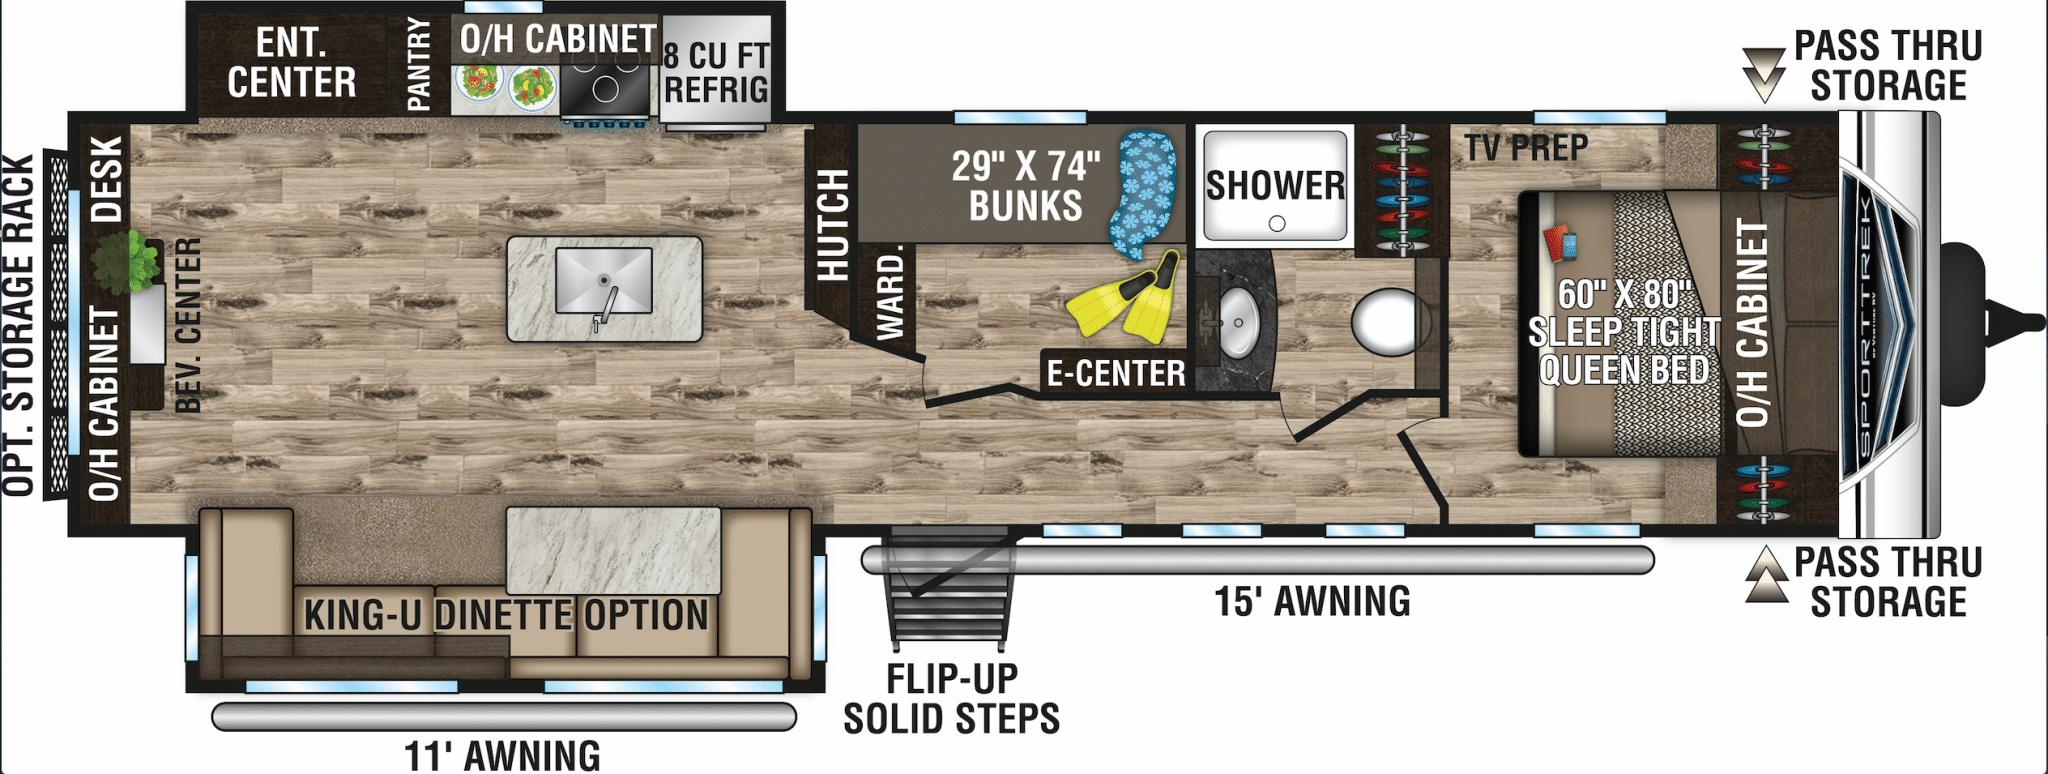 Floorplan for Venture RV SportTrek ST342VMB travel trailer